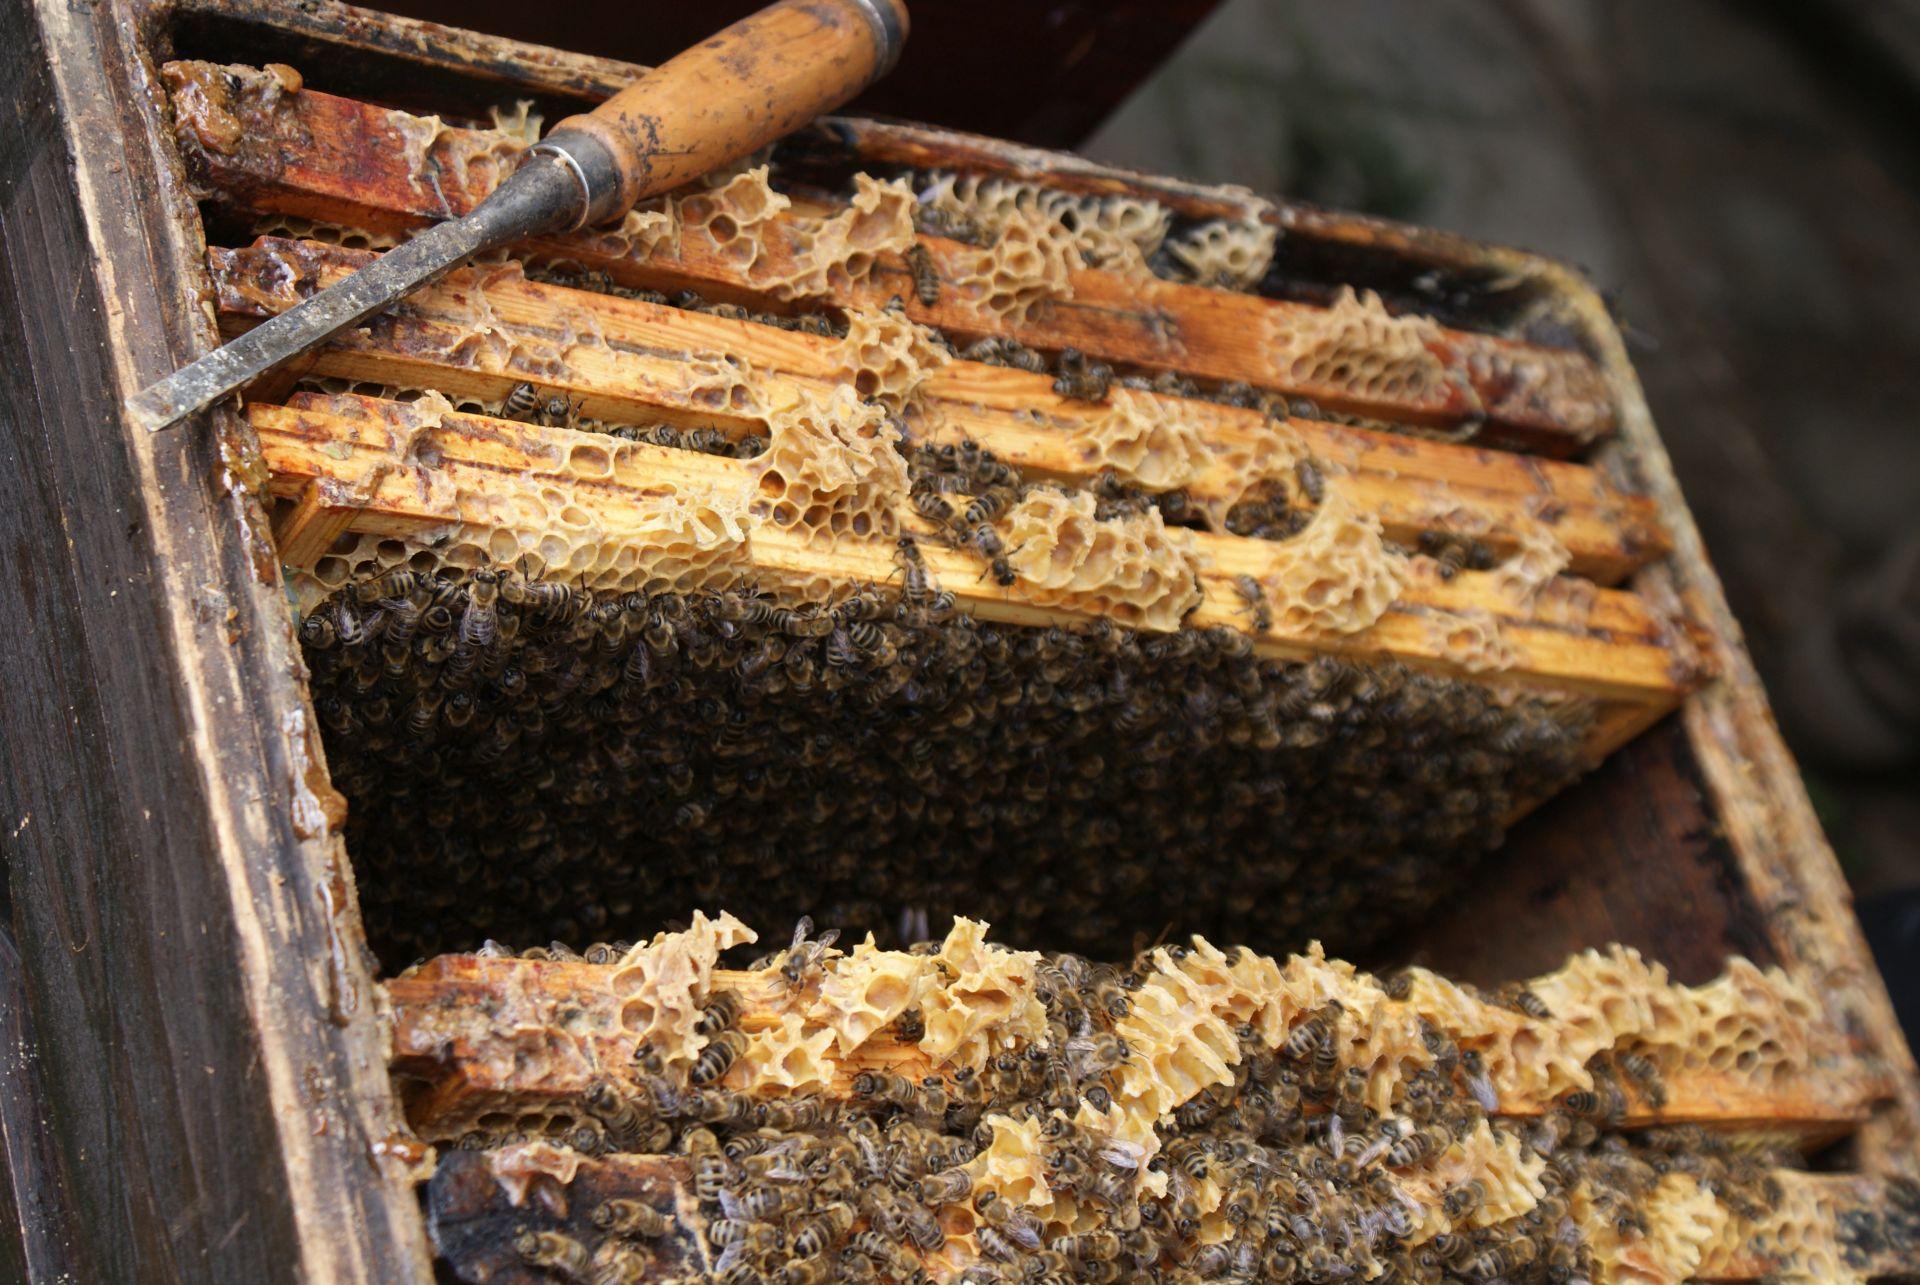 Die Bienenvölker ziehen um.